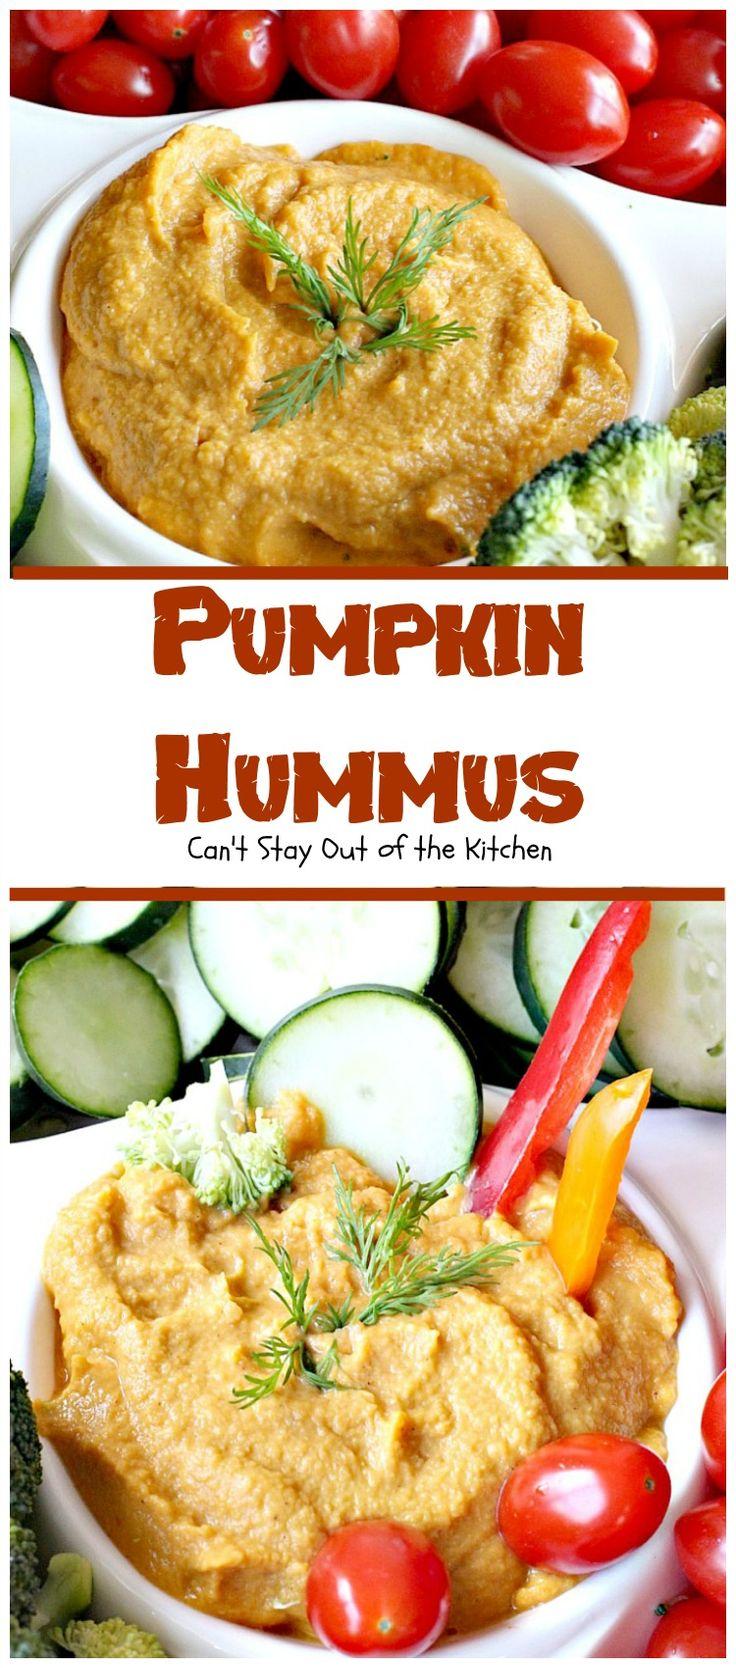 ... Pumpkin Hummus op Pinterest - Hummus, Witte Bonen en Hummus Recept